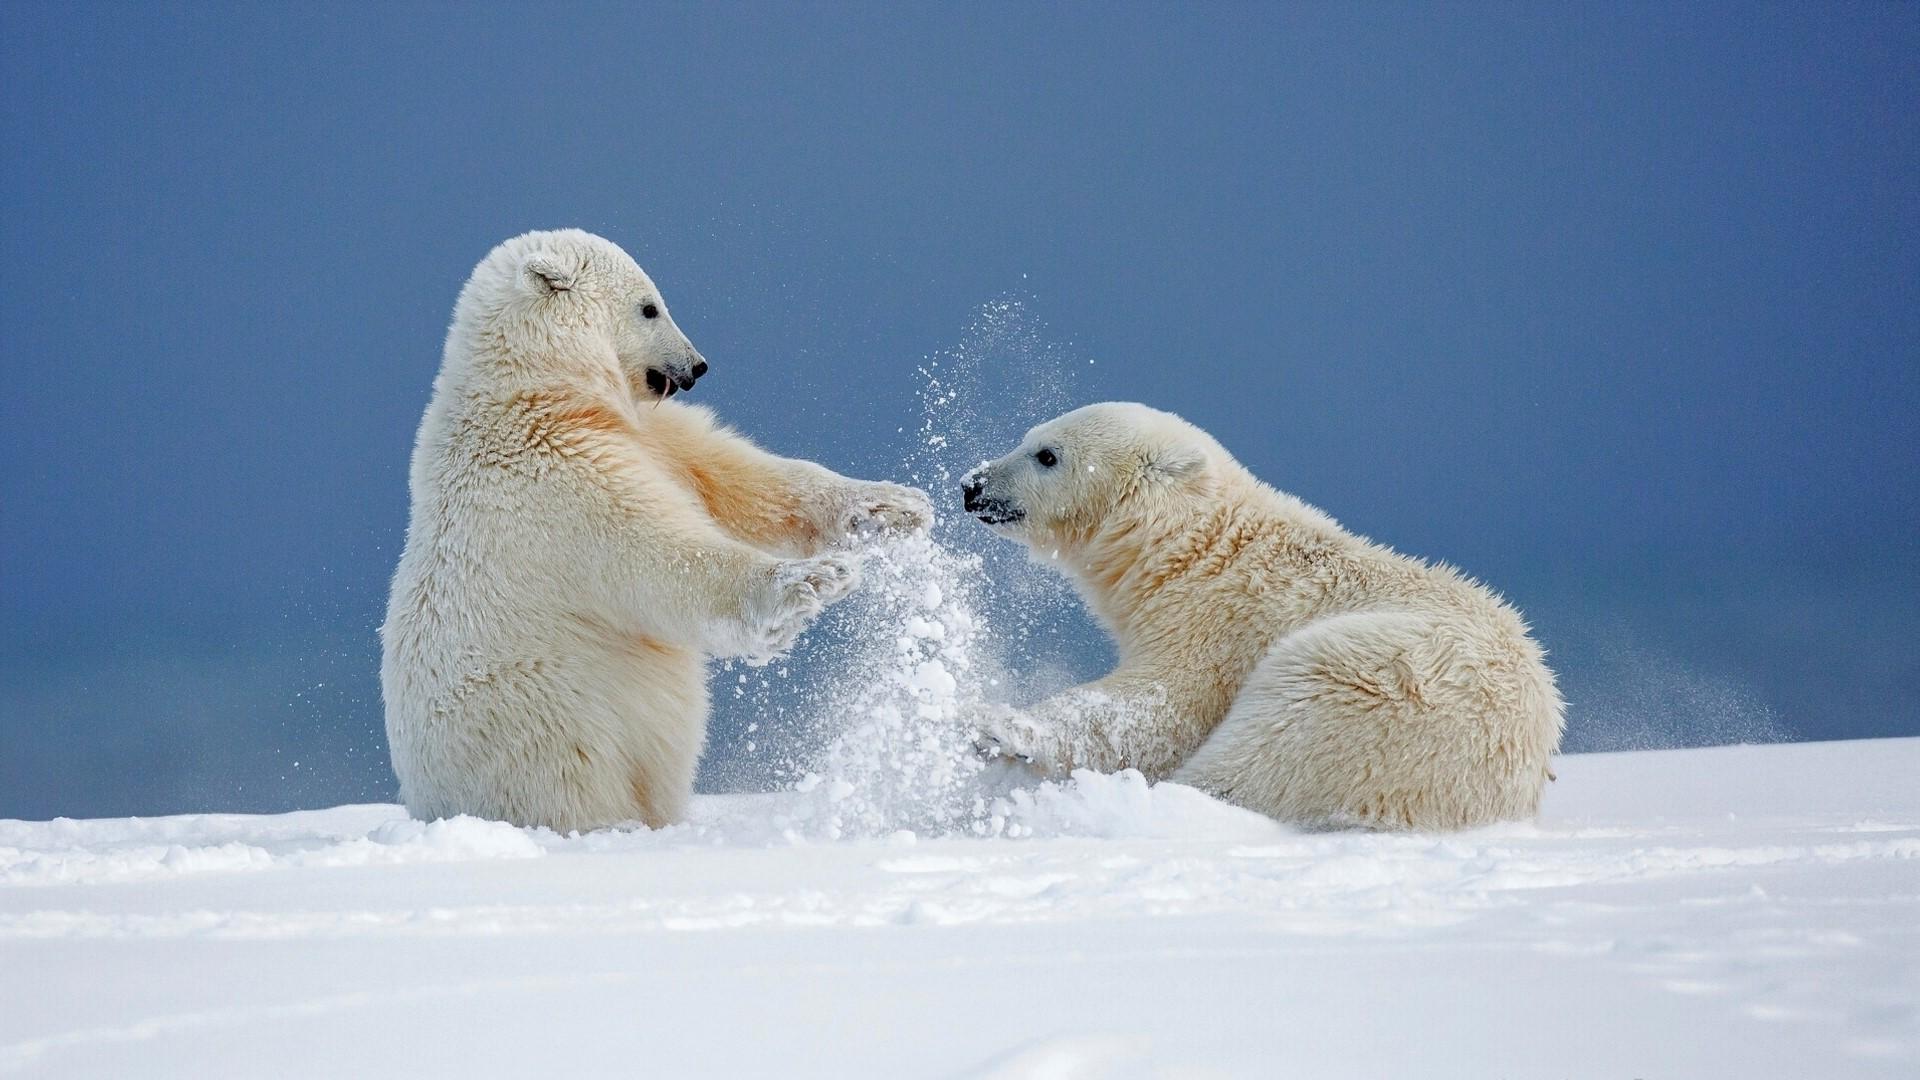 download wallpaper: ijsbeertjes spelen in de sneeuw wallpaper